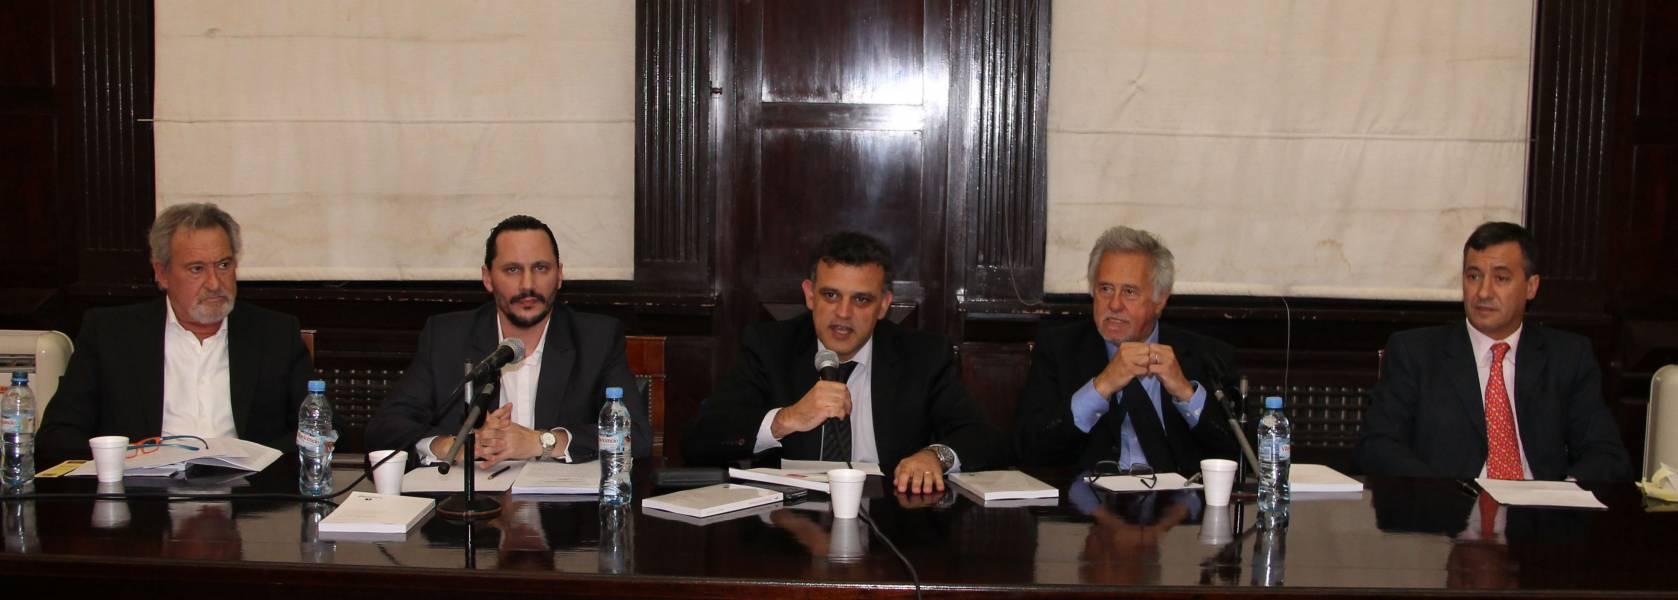 Juan Pedro Cortelezzi, Alejandro Catania, Mariano H. Silvestroni, Julio E. S. Virgolini y Daniel Pastor